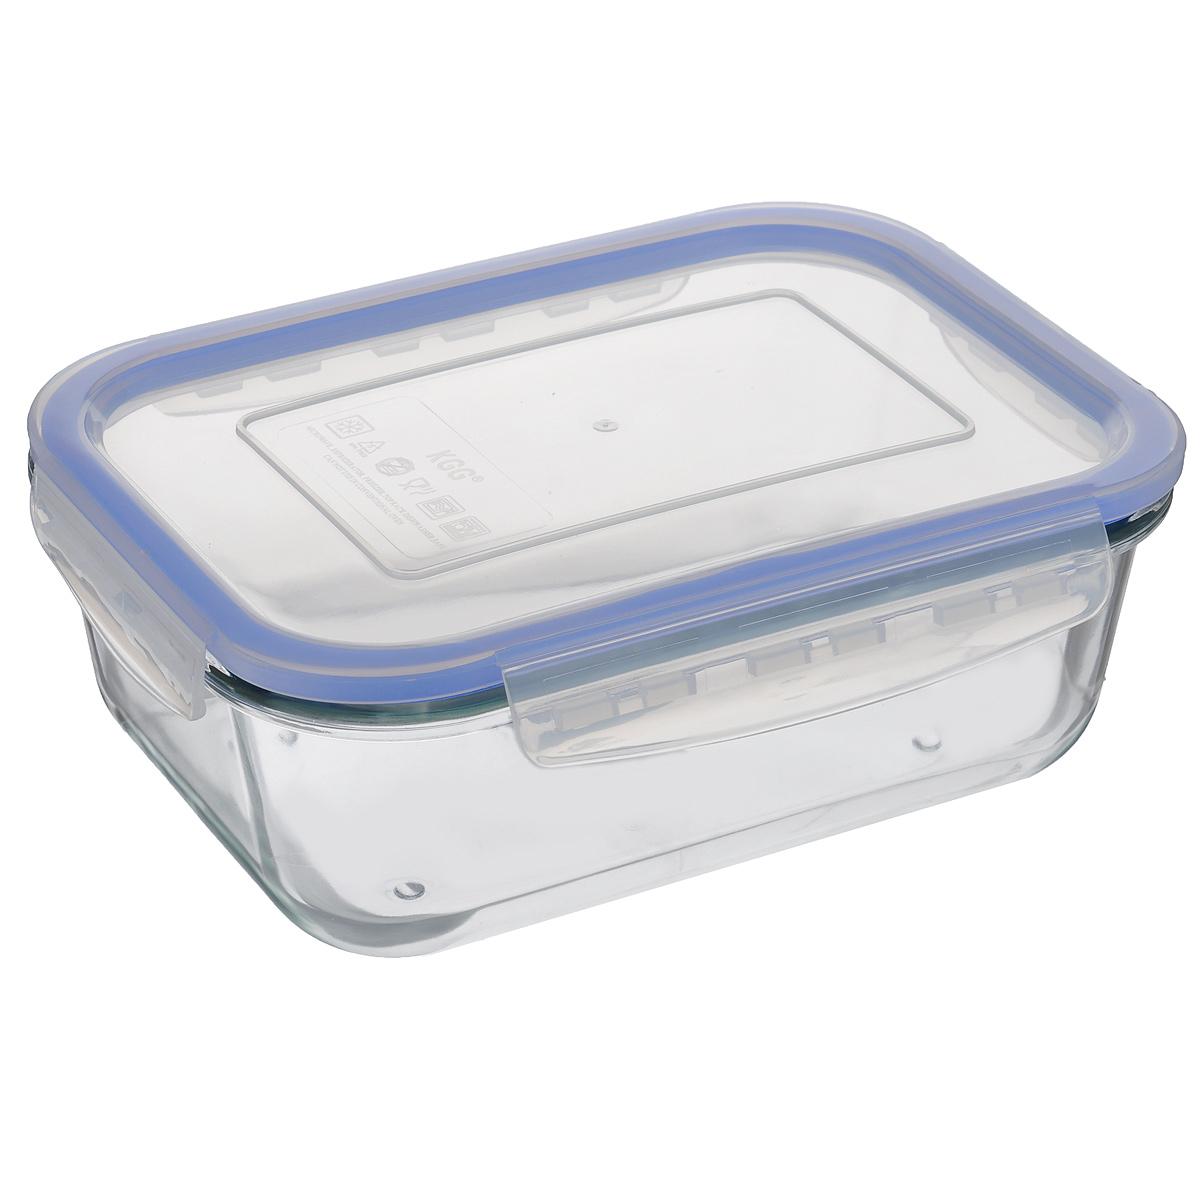 Контейнер стеклянный Mijotex с крышкой, 1,5 лLRE10Прямоугольный пищевой контейнер Mijotex изготовлен из экологически чистого жаропрочного стекла. Изделие оснащено крышкой, выполненной из пластика, которая надежно закрывается с помощью четырех защелок. Благодаря уплотнительной резинке, крышка полностью герметична. Контейнер прекрасно подходит для хранения, приготовления и разогрева пищи. Допускается нагрев посуды до 400°С. Изделие пригодно для использования в духовом шкафу, на газовых конфорках (на слабом огне), электроплитах, в СВЧ-печах. Можно использовать для хранения в холодильниках и морозильных камерах. Можно мыть в посудомоечной машине. Размер контейнера (без учета крыши): 21 см х 15 см х 7 см. Объем: 1,5 л.